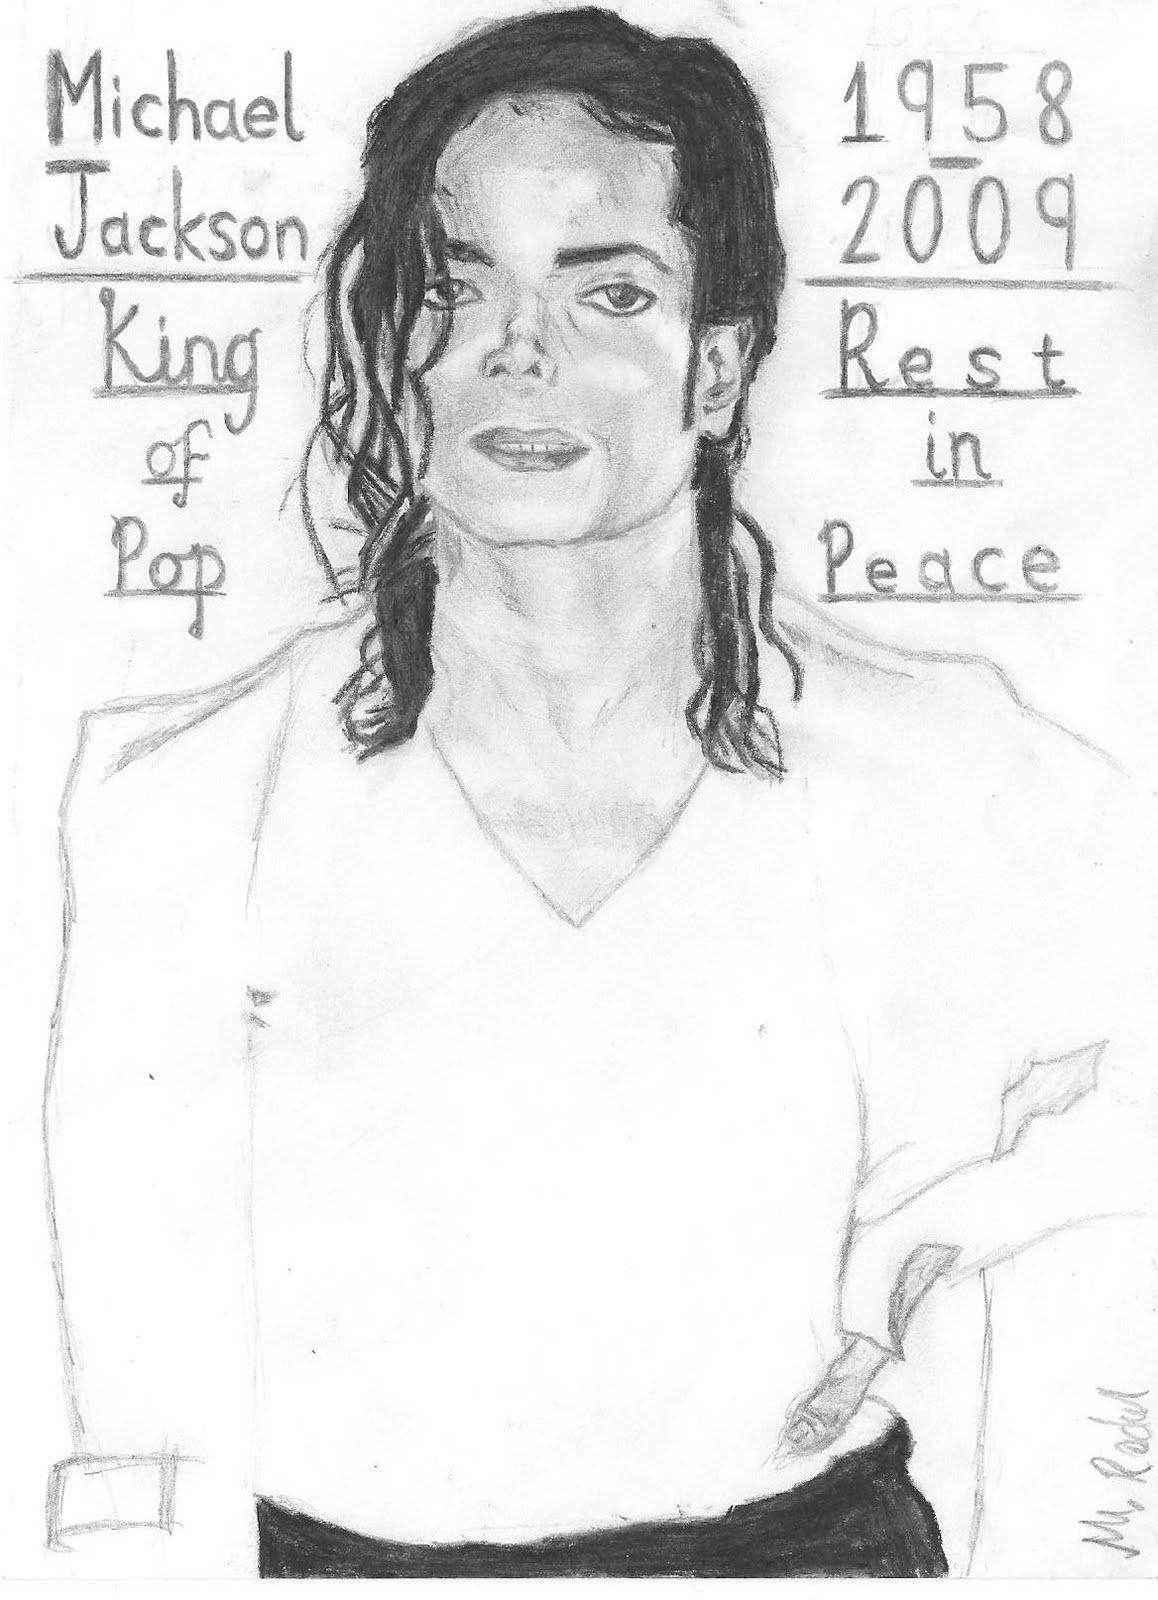 http://3.bp.blogspot.com/_bQxPiglNH8w/TE1dFfiuiQI/AAAAAAAAAAU/0LPYM-JQLpc/s1600/Michael+Jackson+tribute.jpg